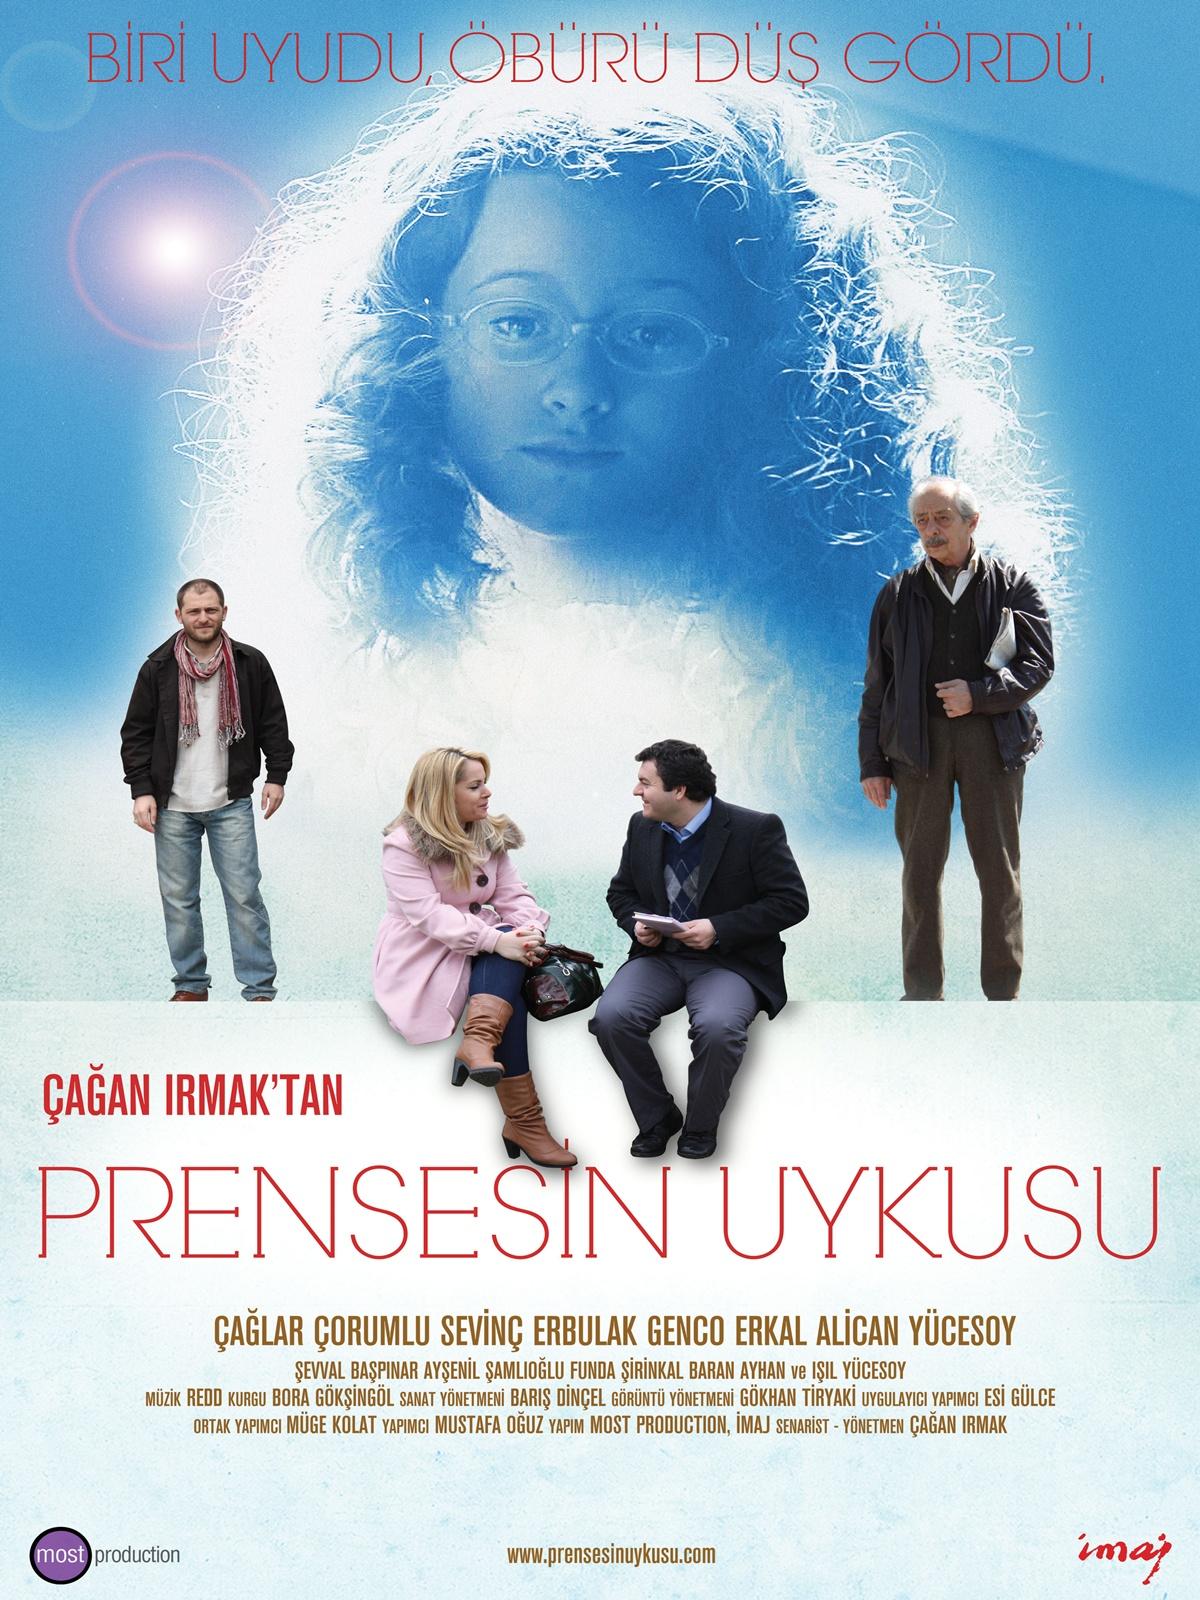 Prensesin Uykusu Film 2010 Beyazperdecom